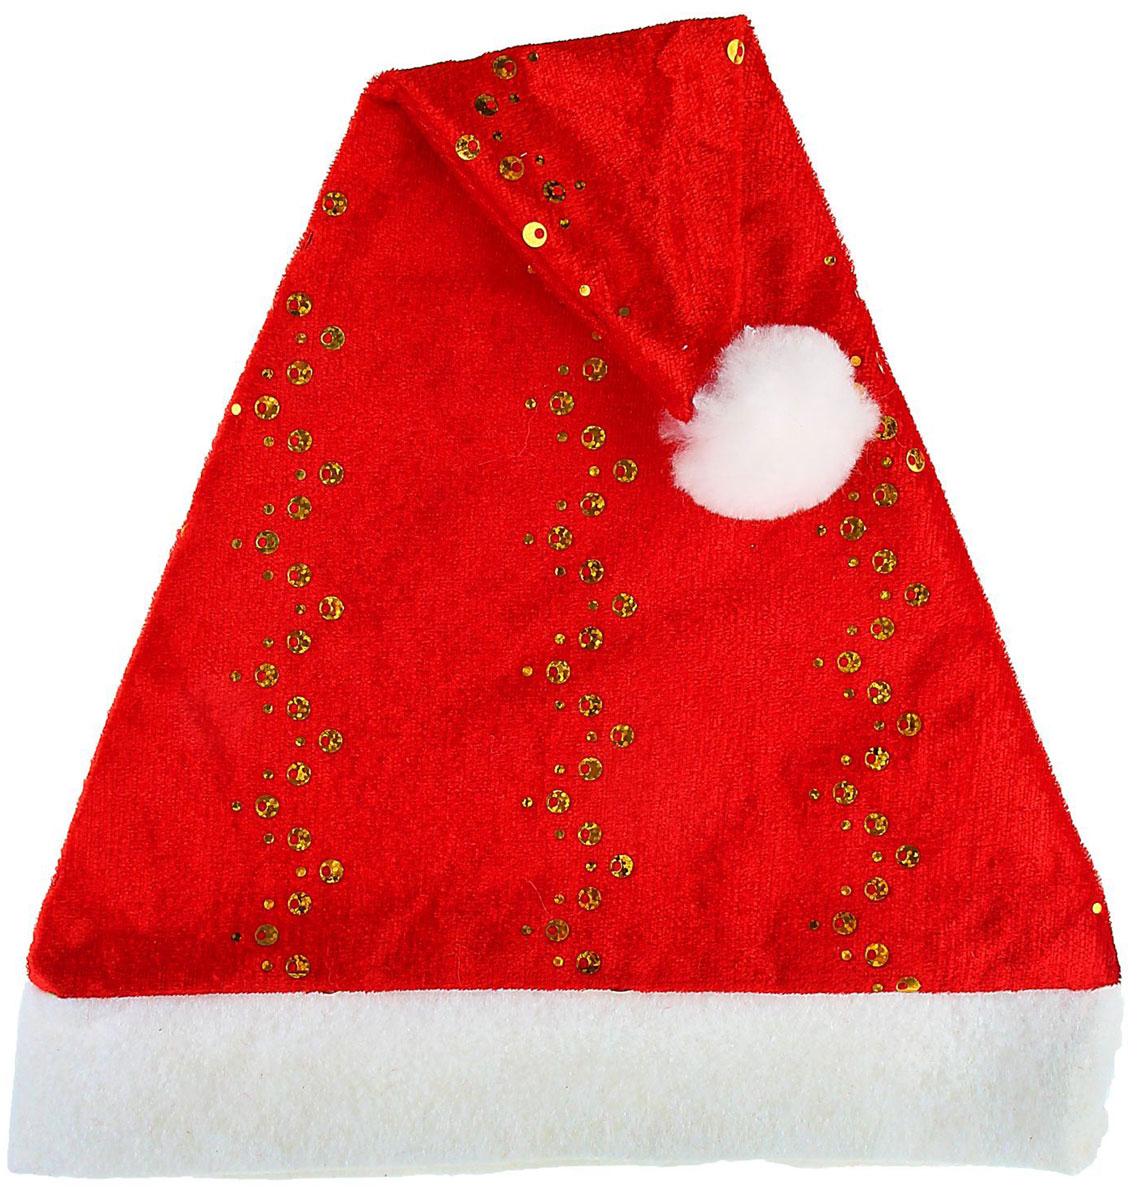 Колпак новогодний Серпантин Золотой зиг-заг, 27 х 35 см1112355Поддайтесь новогоднему веселью на полную катушку! Забавный колпак в секунду создаст праздничное настроение, будь то поздравление ребятишек или вечеринка с друзьями. Размер изделия универсальный: аксессуар подойдет как для ребенка, так и для взрослого. А мягкий текстиль позволит носить колпак с комфортом на протяжении всей новогодней ночи.